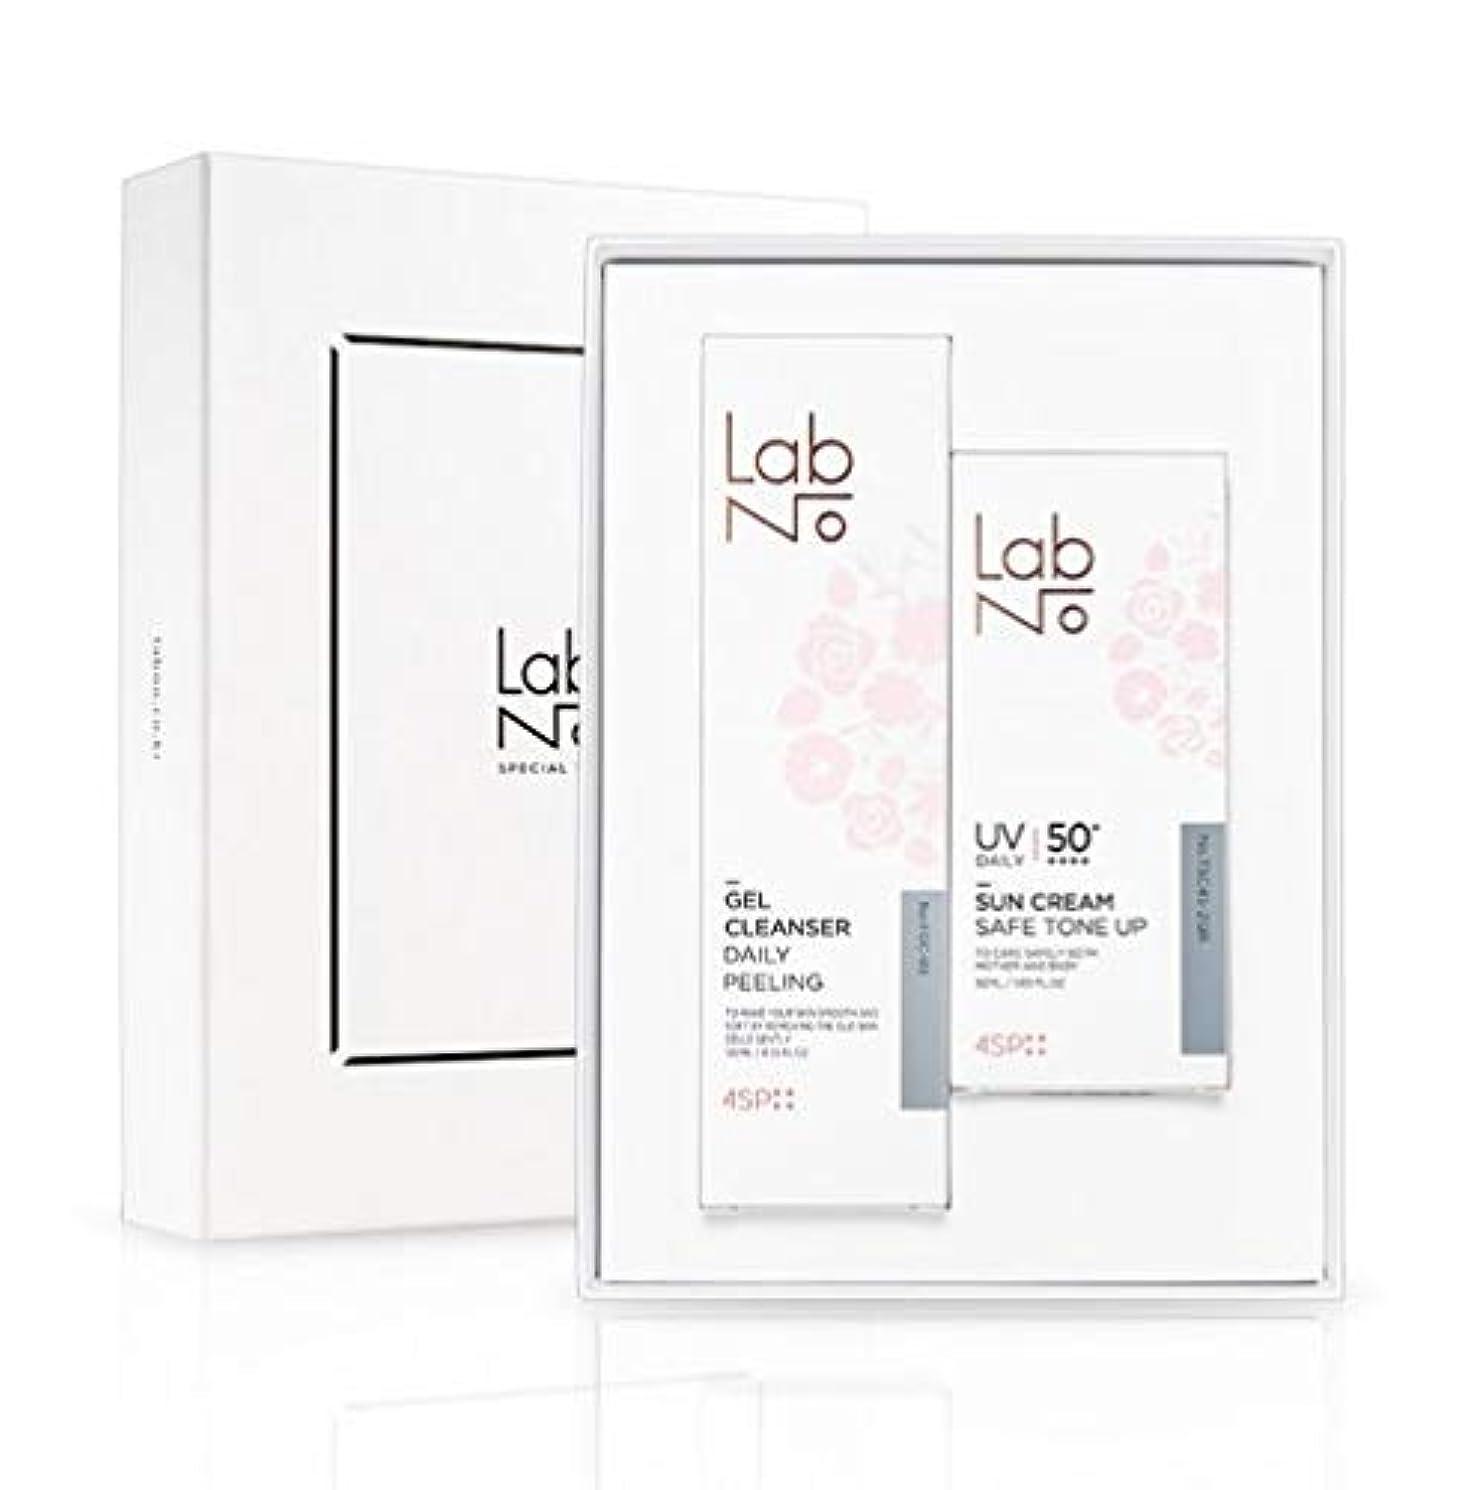 LabNo ジェルクレンザー + 日焼け止め セット / Gel Cleanser + Sun Cream Set / SPF50PA++++ [並行輸入品]